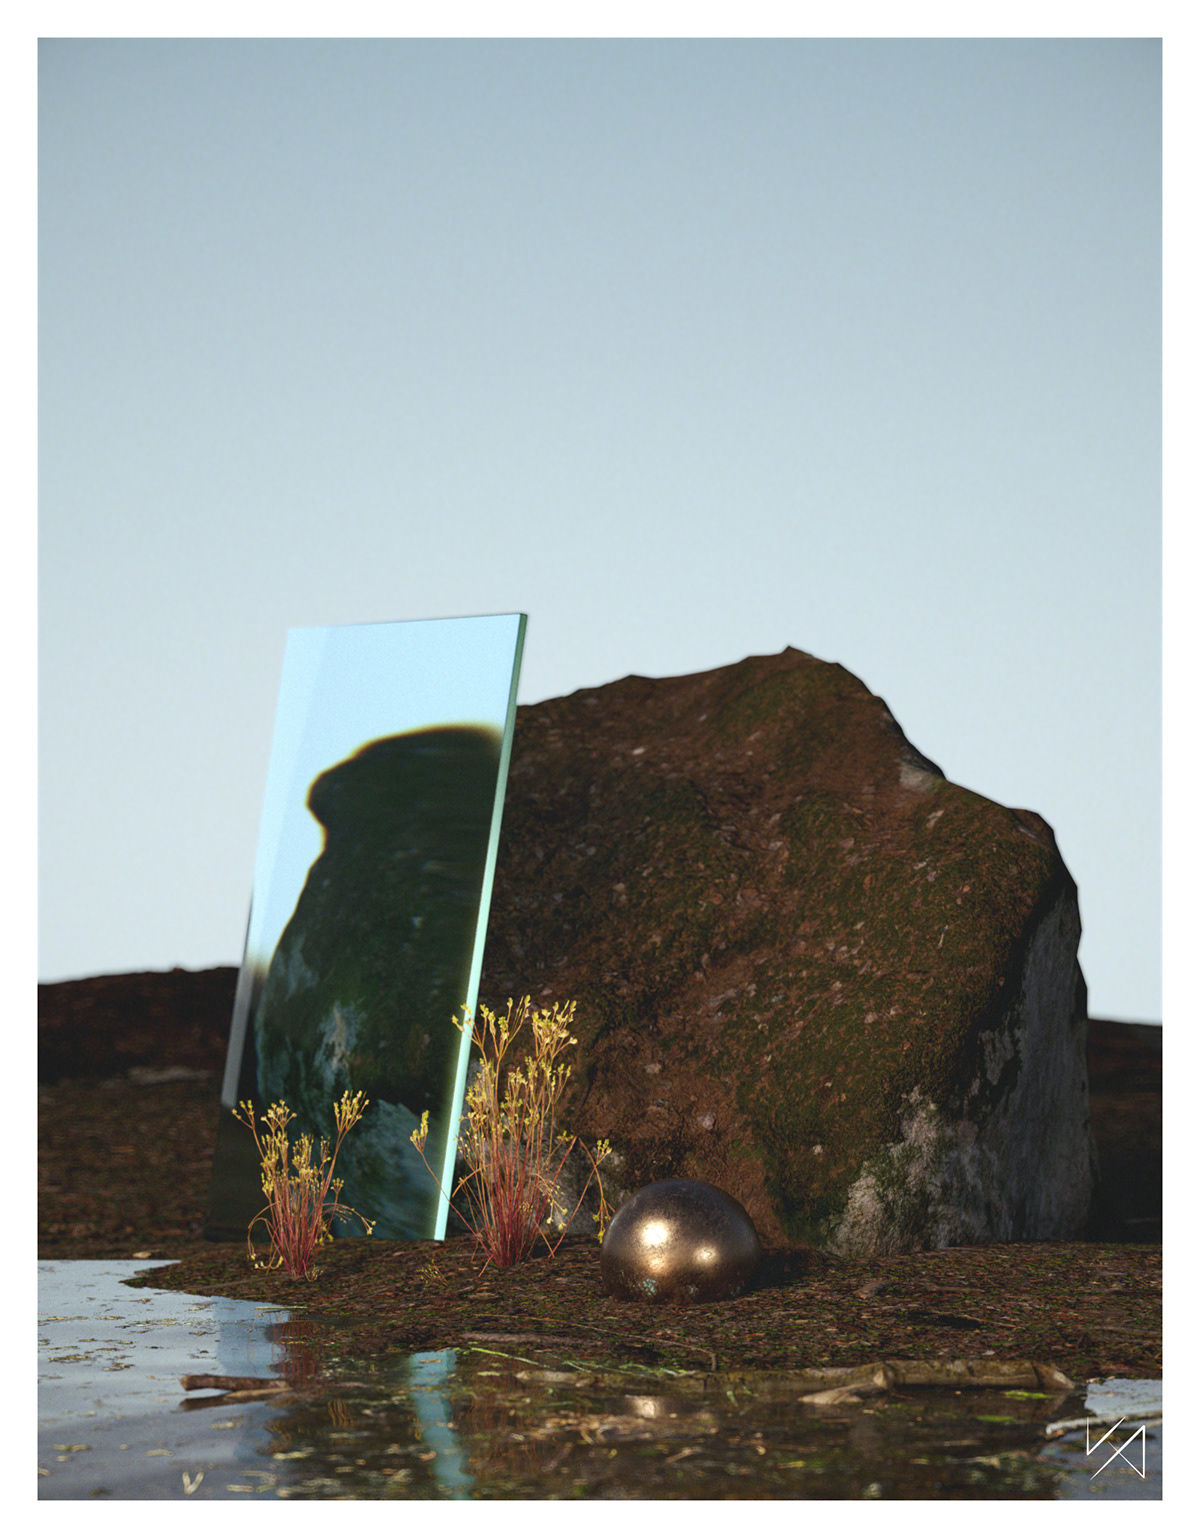 3D 3dart botanical CGI ILLUSTRATION  Nature Render still life substance surreal